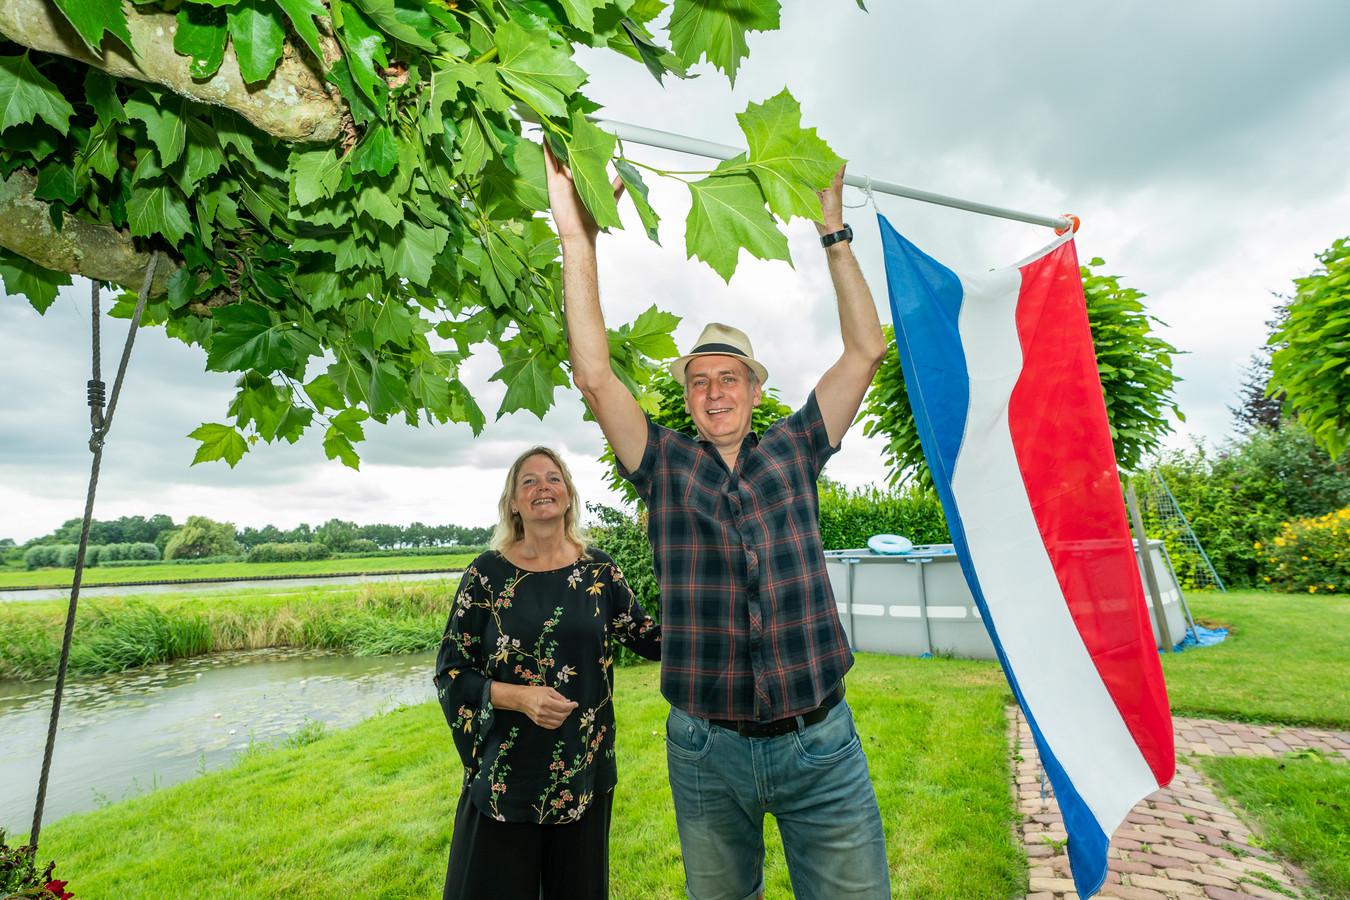 De vlag kan uit bij de familie Trienekens uit 't Goy. Vijf jaar lang hebben zij ervoor gestreden om Windpark Gooyerbrug tegen te houden; met succes bleek vandaag.